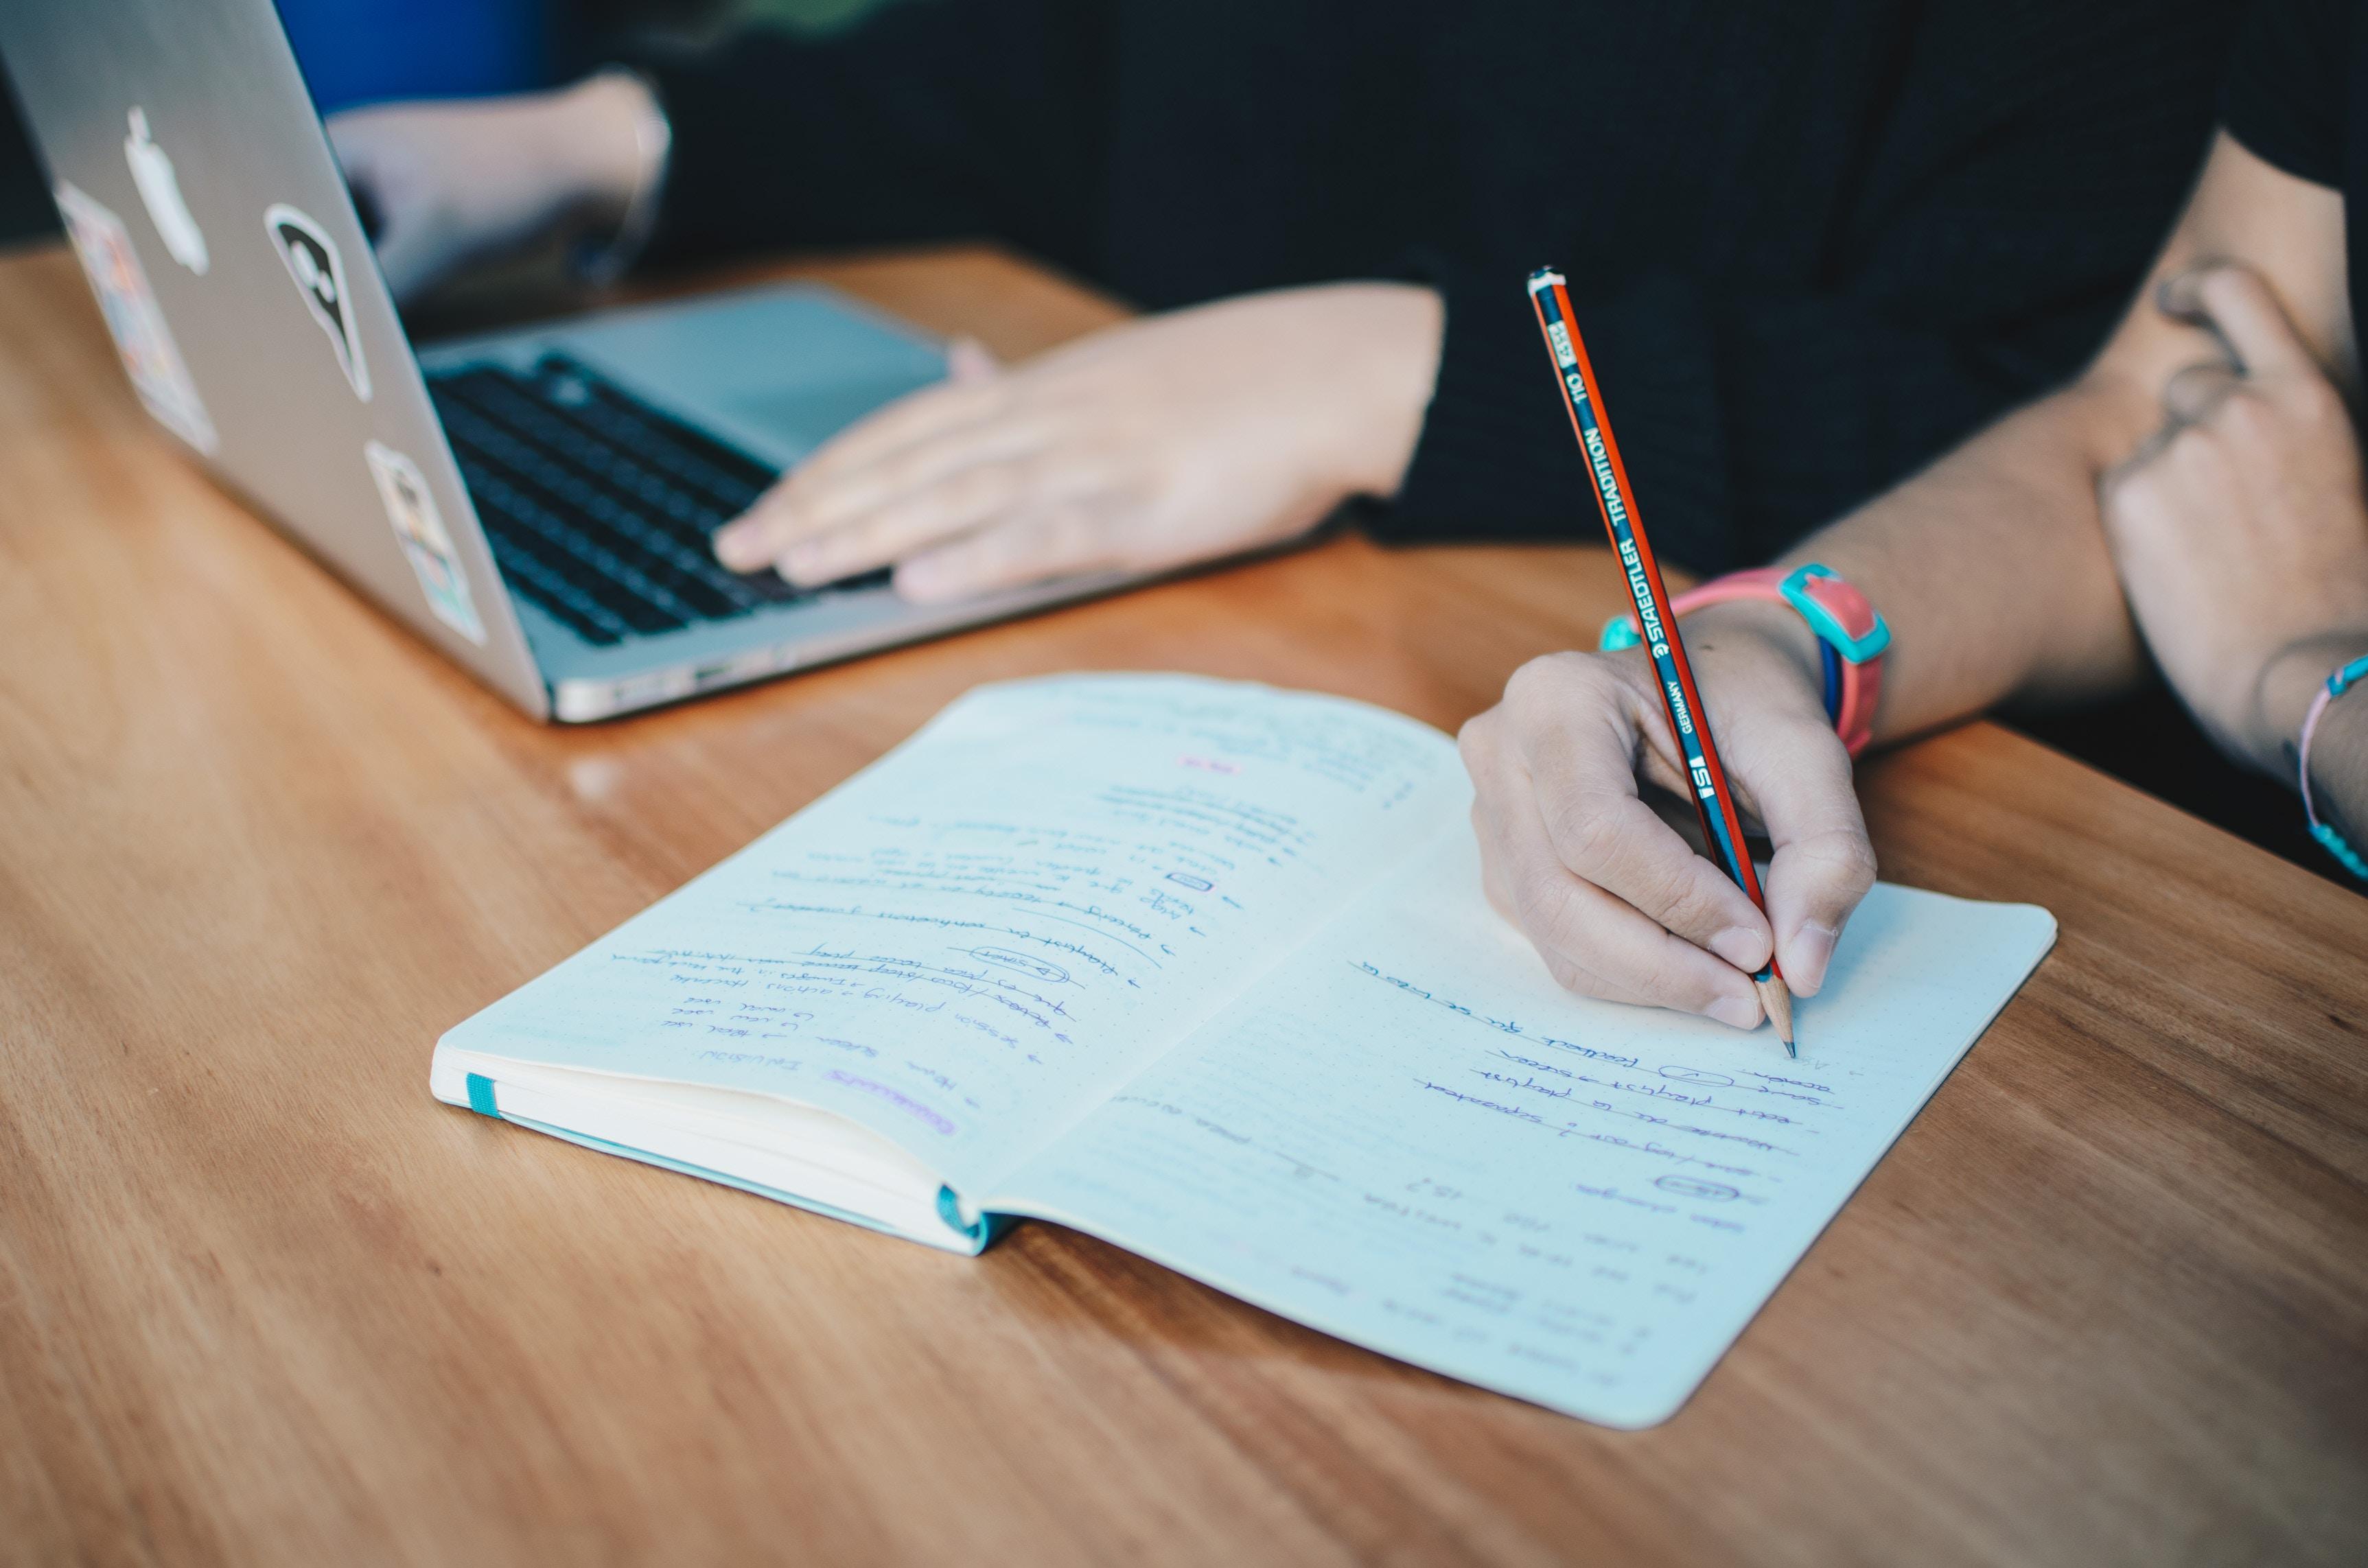 仕事をしながら独学で福祉住環境コーディネーター2級を一発合格する方法